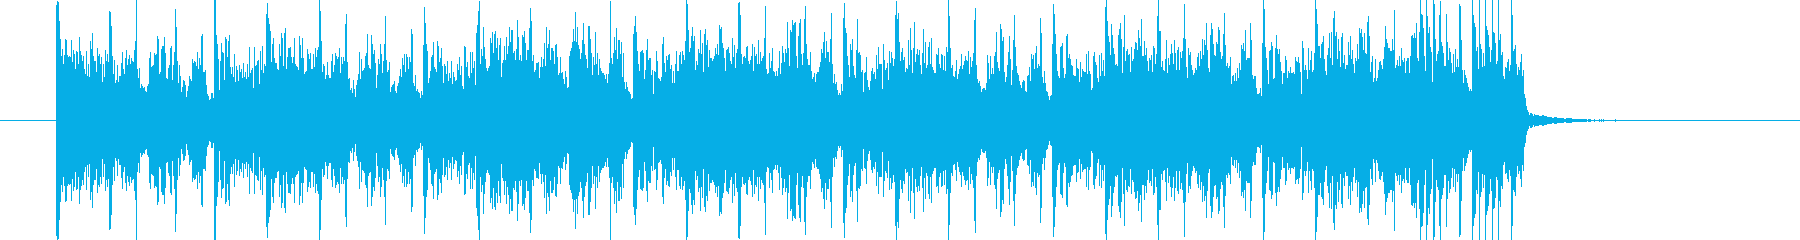 シンセサイザーが緊迫感のあるミュージックの再生済みの波形